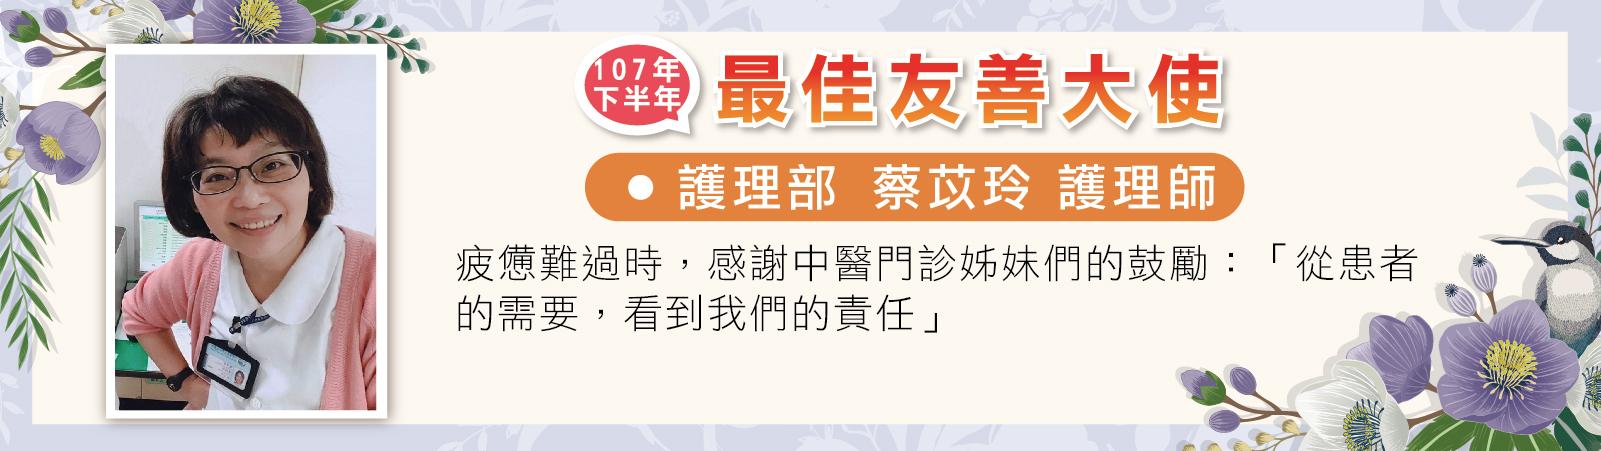 107下最佳友善大使-蔡苡玲護理師